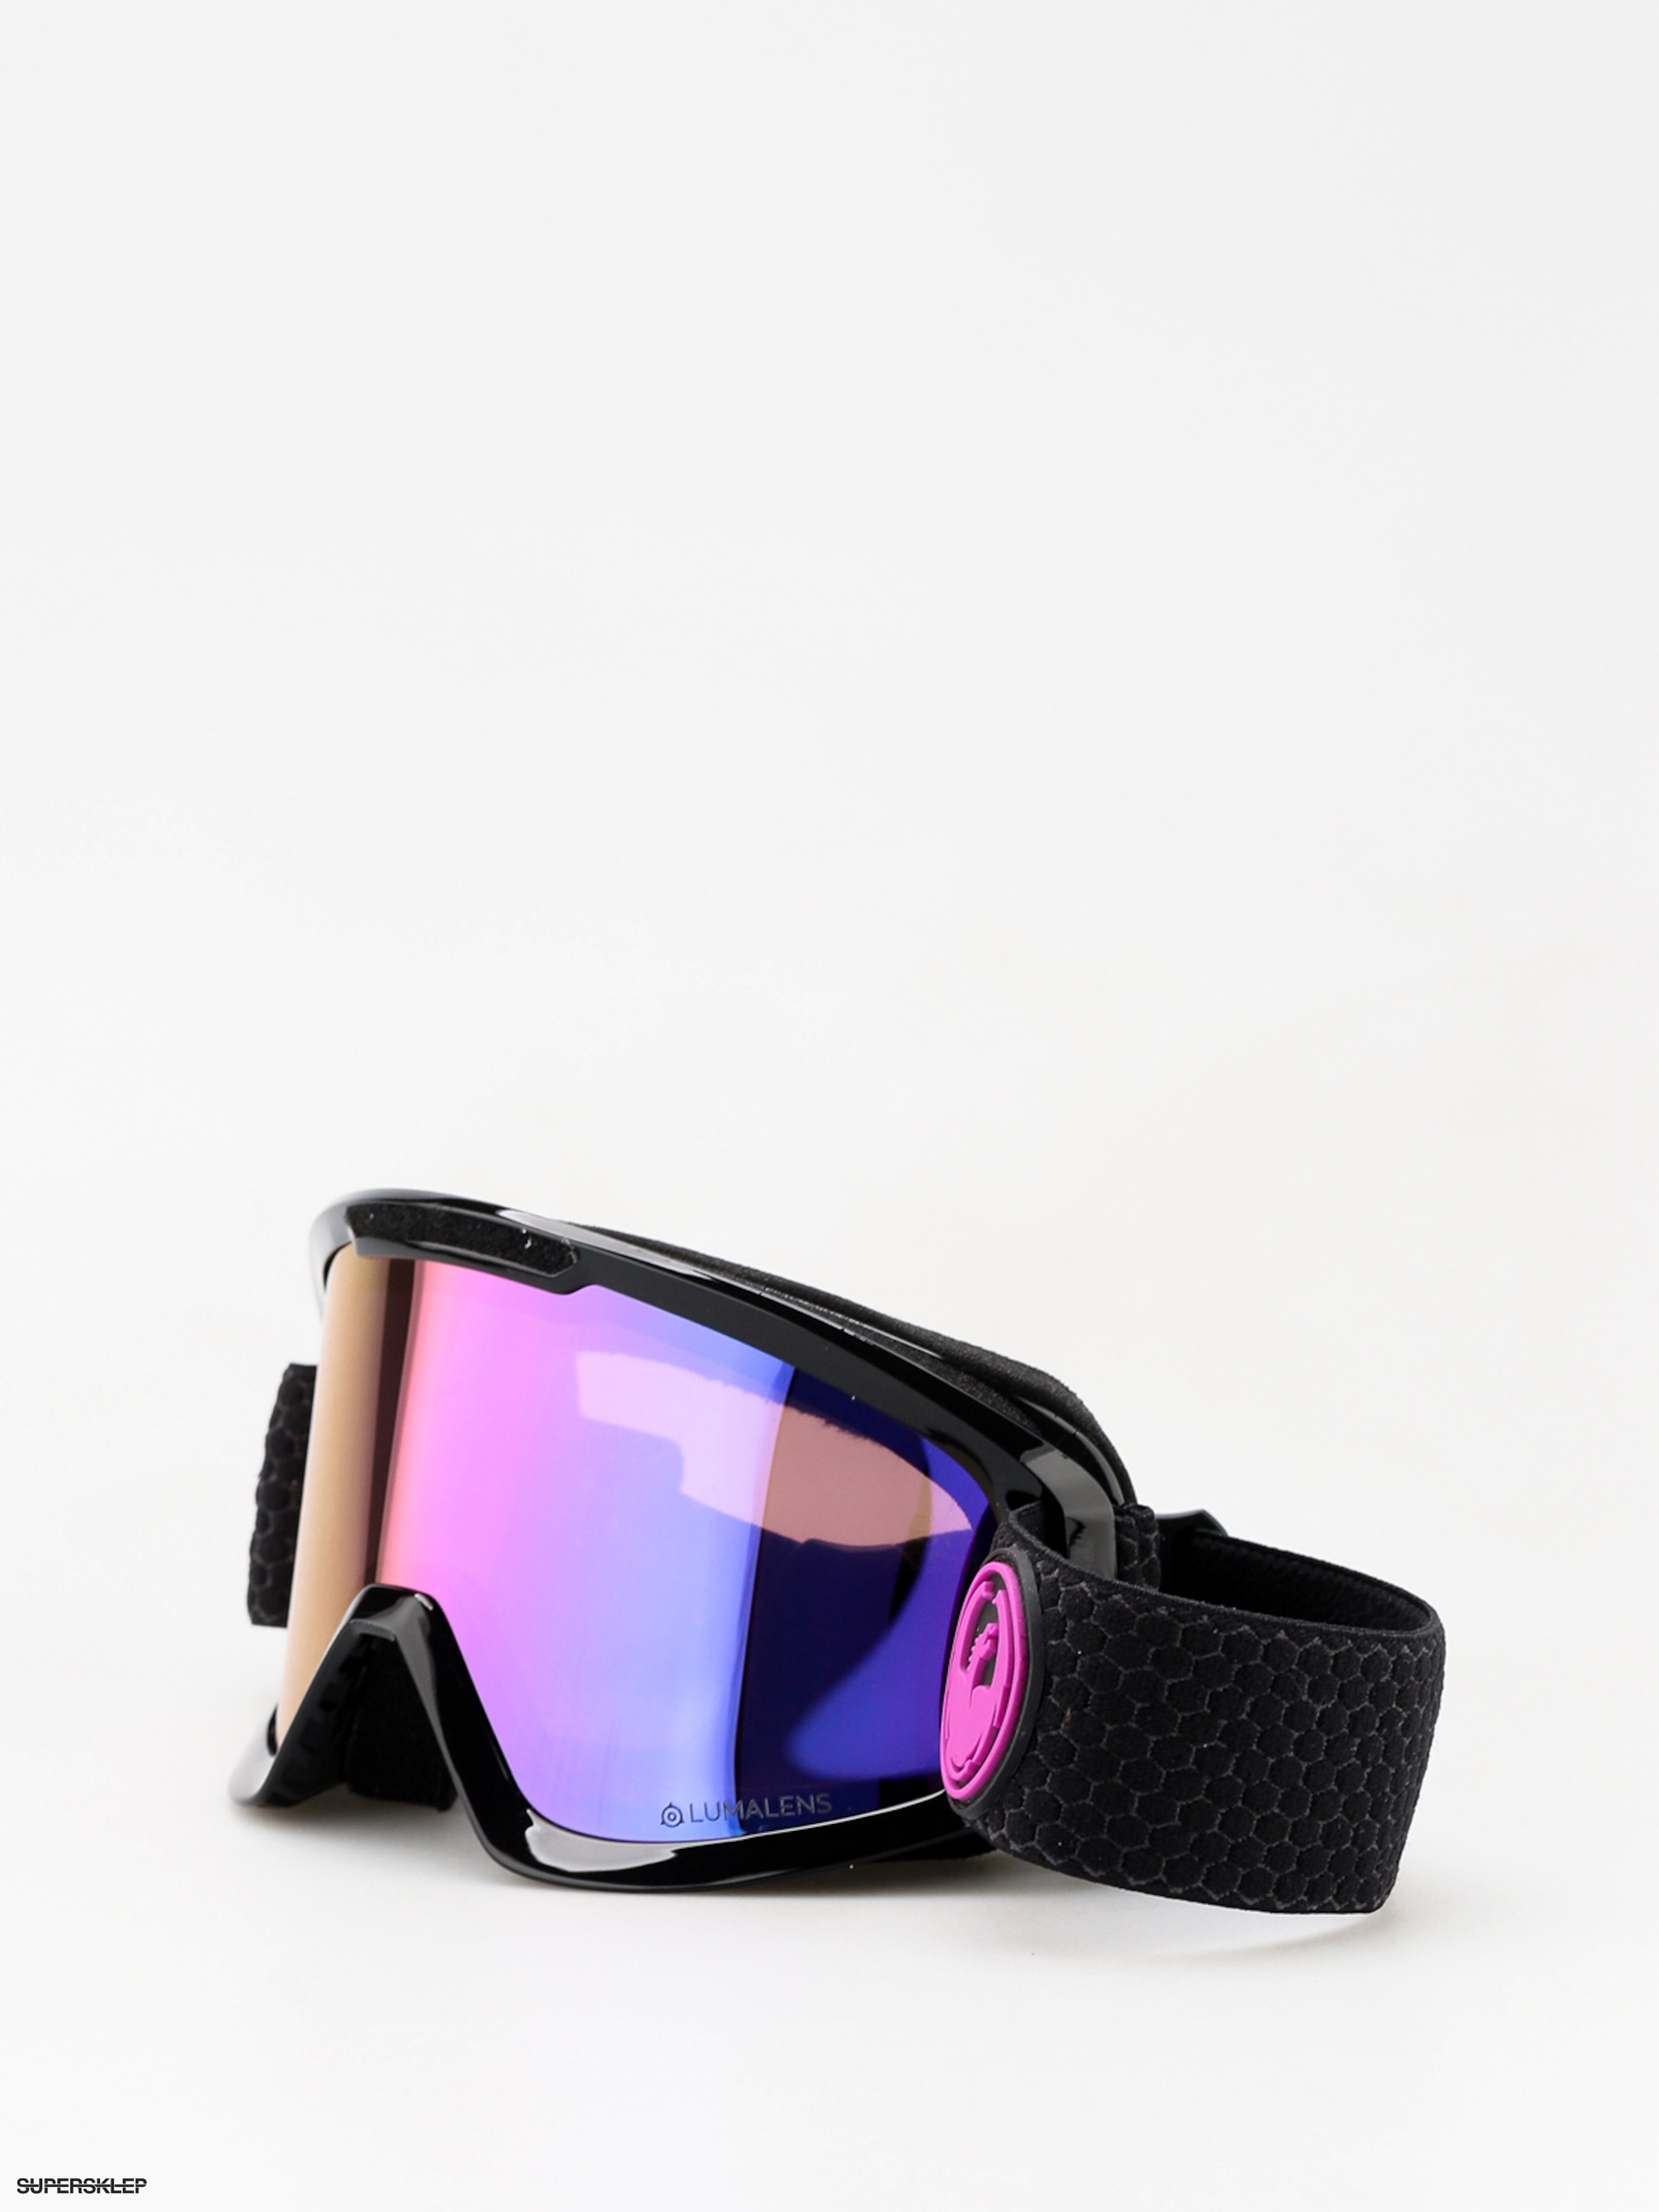 d8d2aab92a6 Okuliare na snowboard Dragon DX2 (split lumalens purple ion lumalens amber)